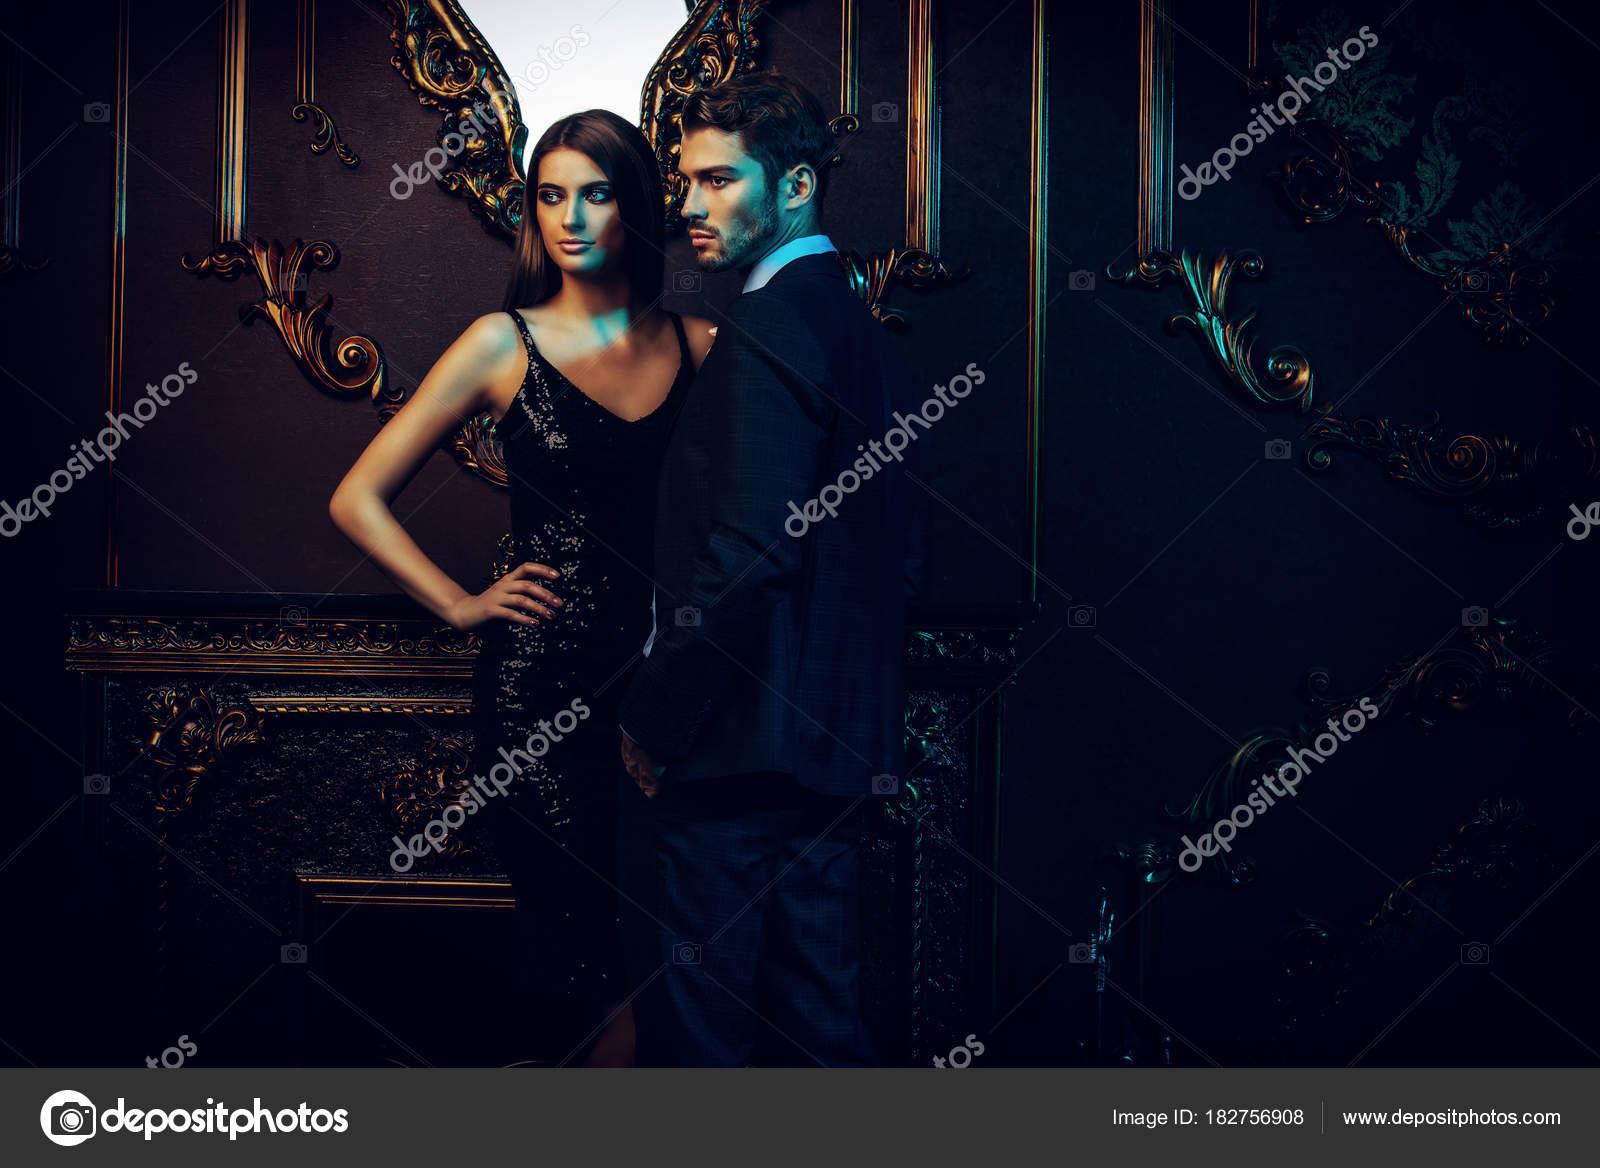 seksualnie-foto-devushek-s-muzhchinami